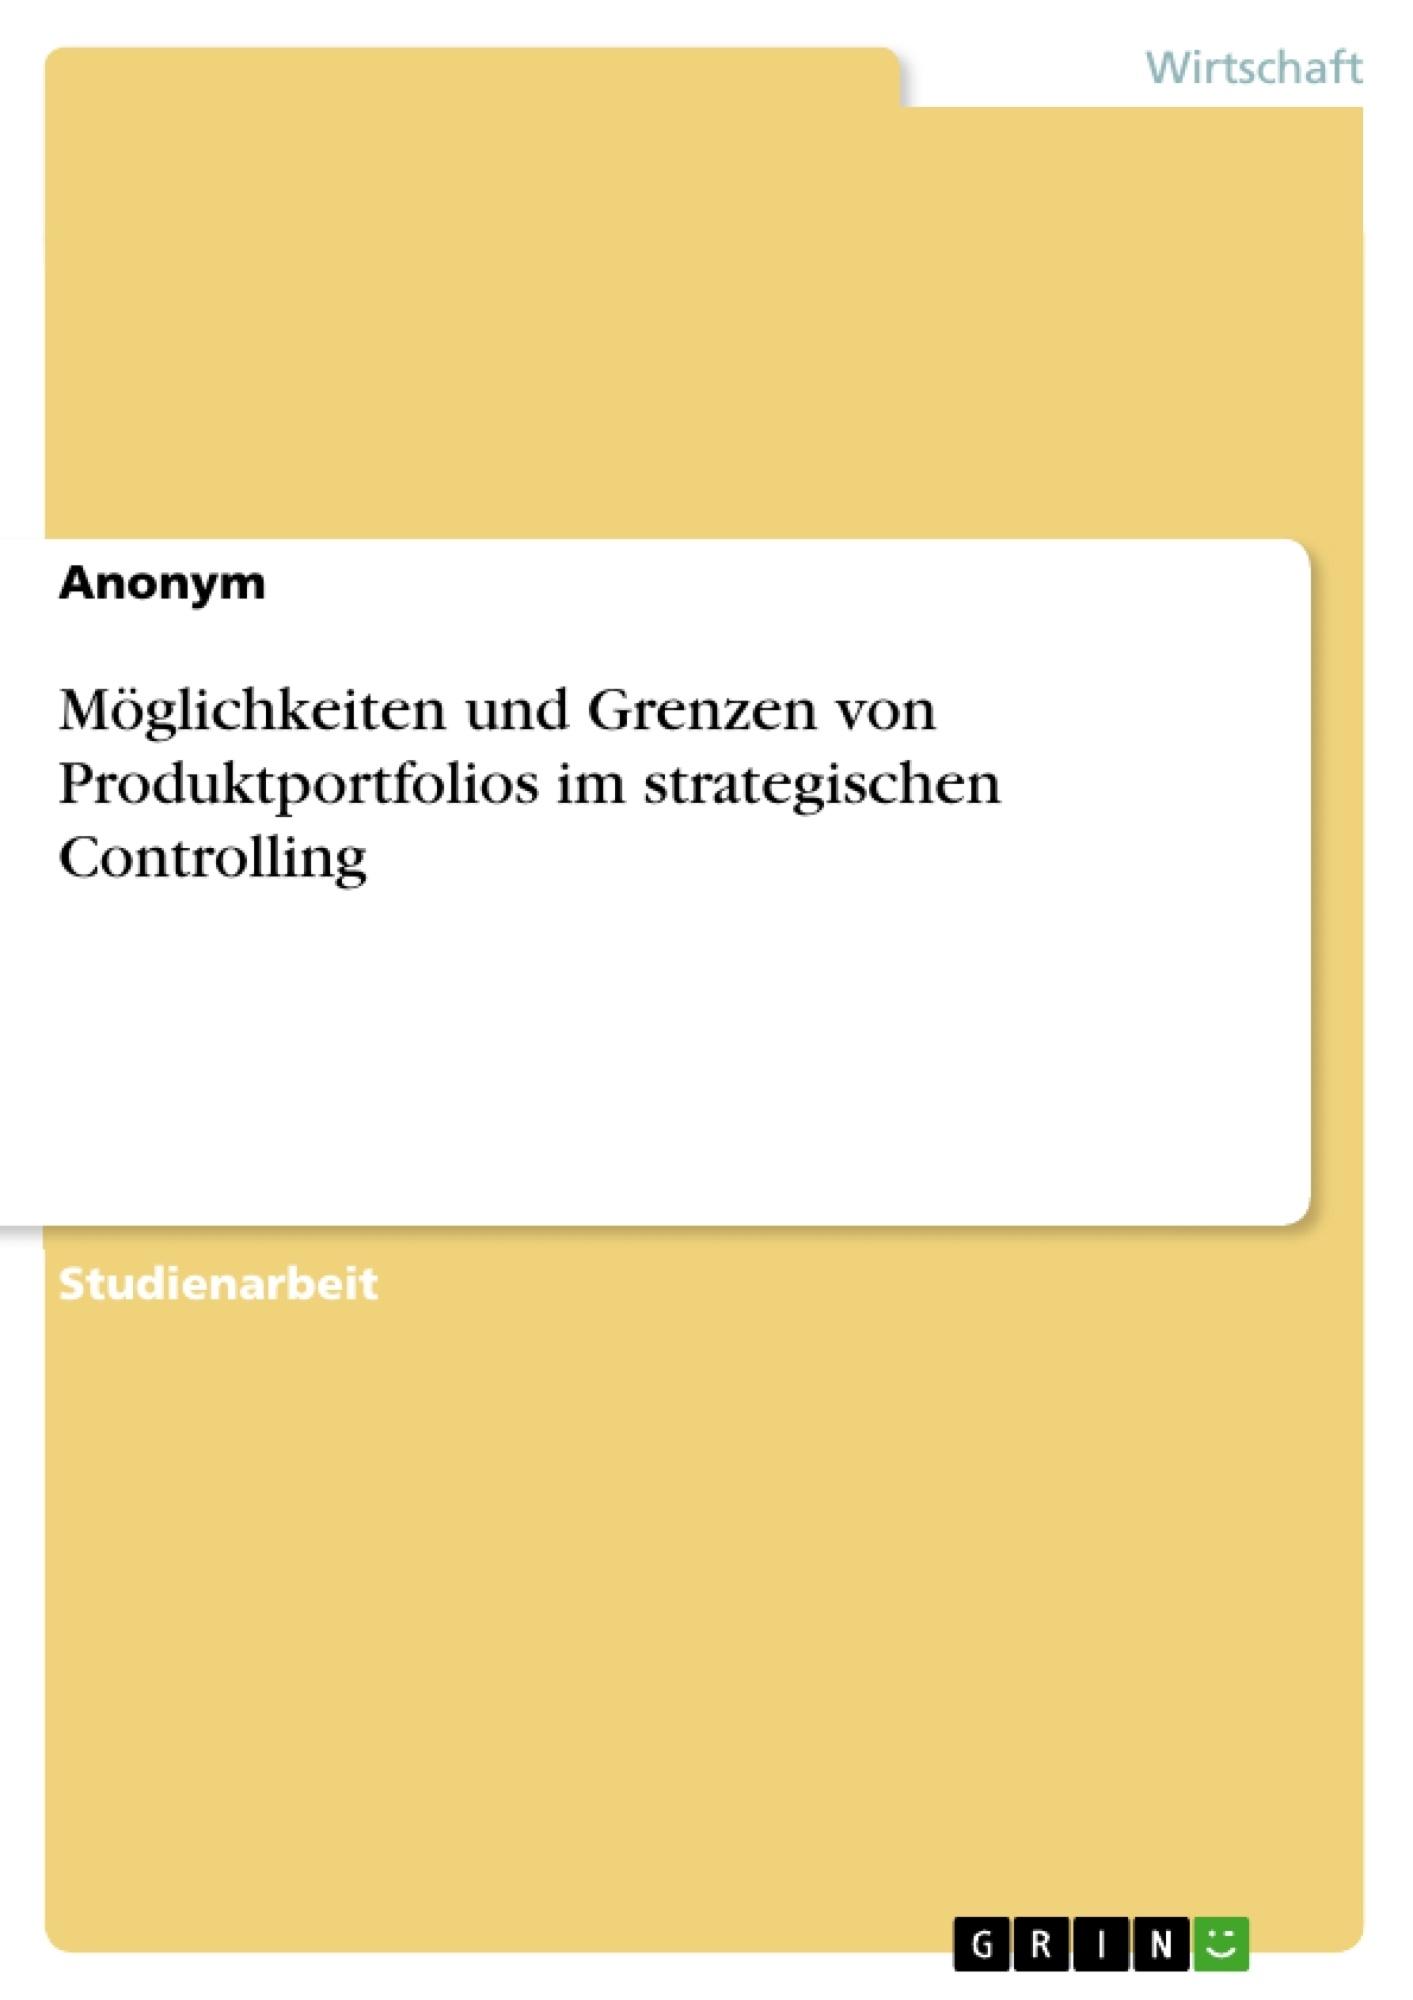 Titel: Möglichkeiten und Grenzen von Produktportfolios im strategischen Controlling